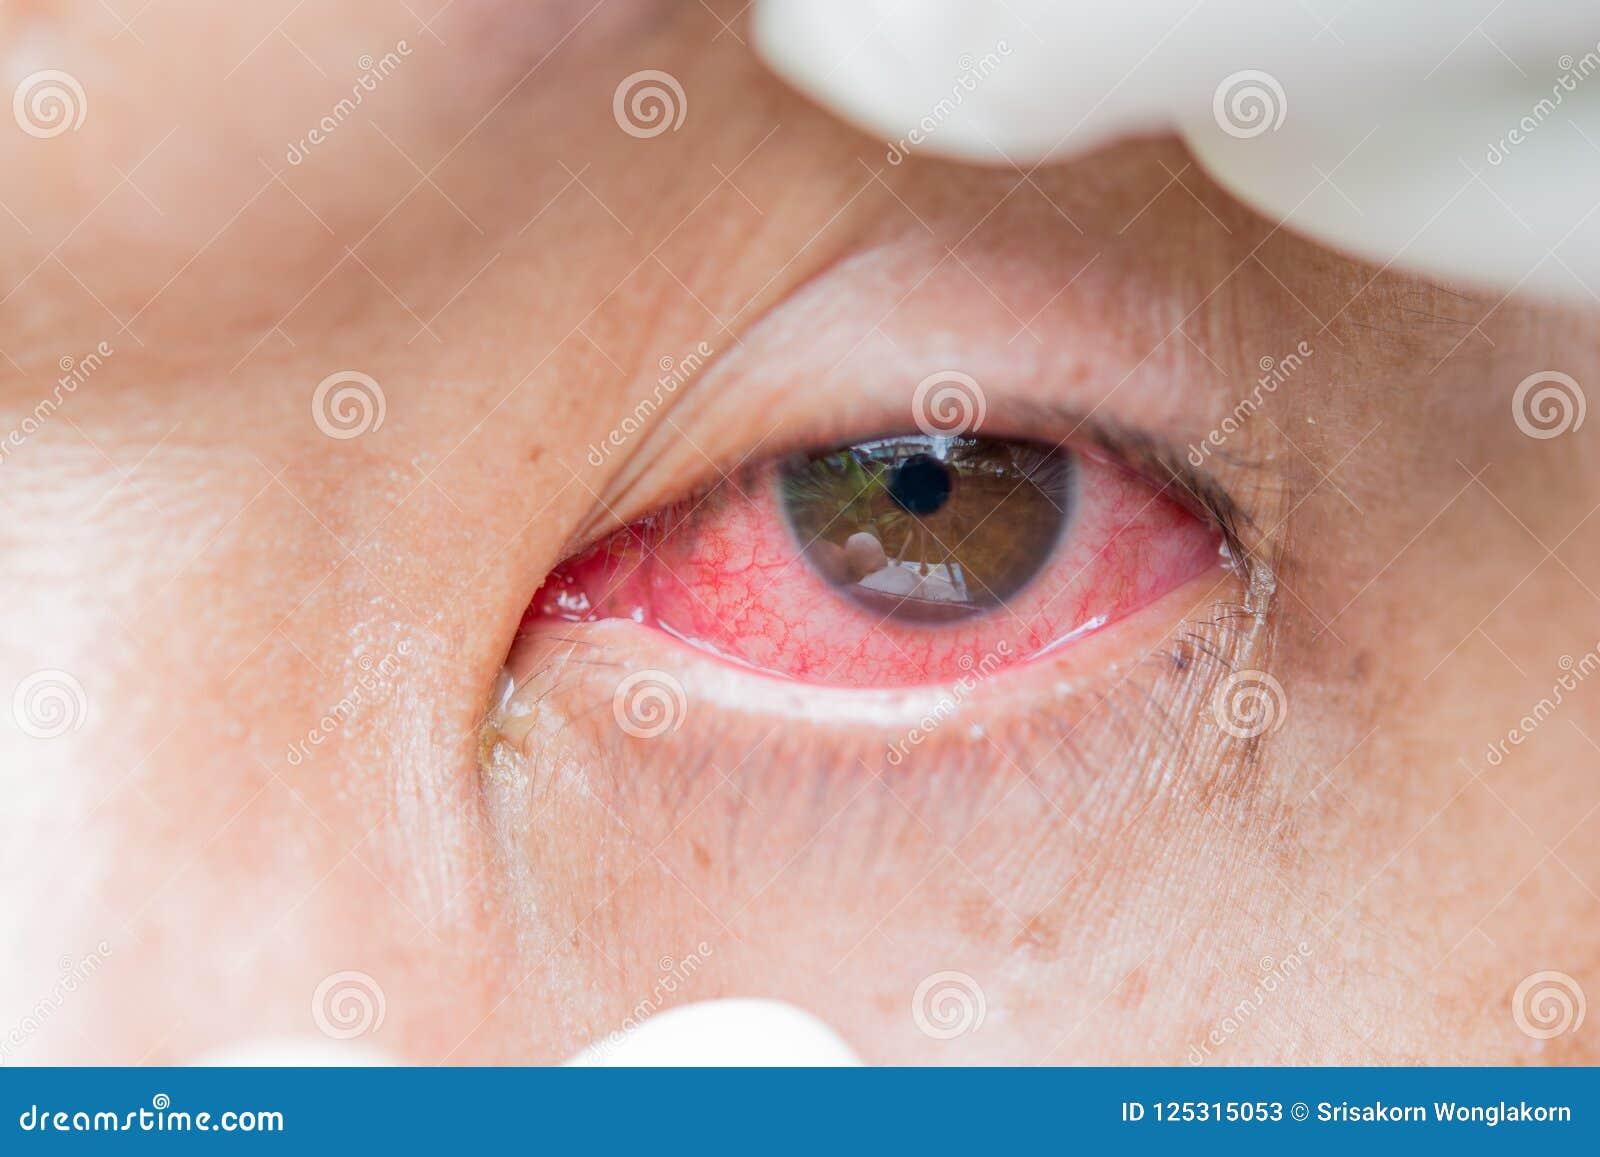 Conjonctivite Et Inflammation Dans Les Yeux Image stock - Image du ...